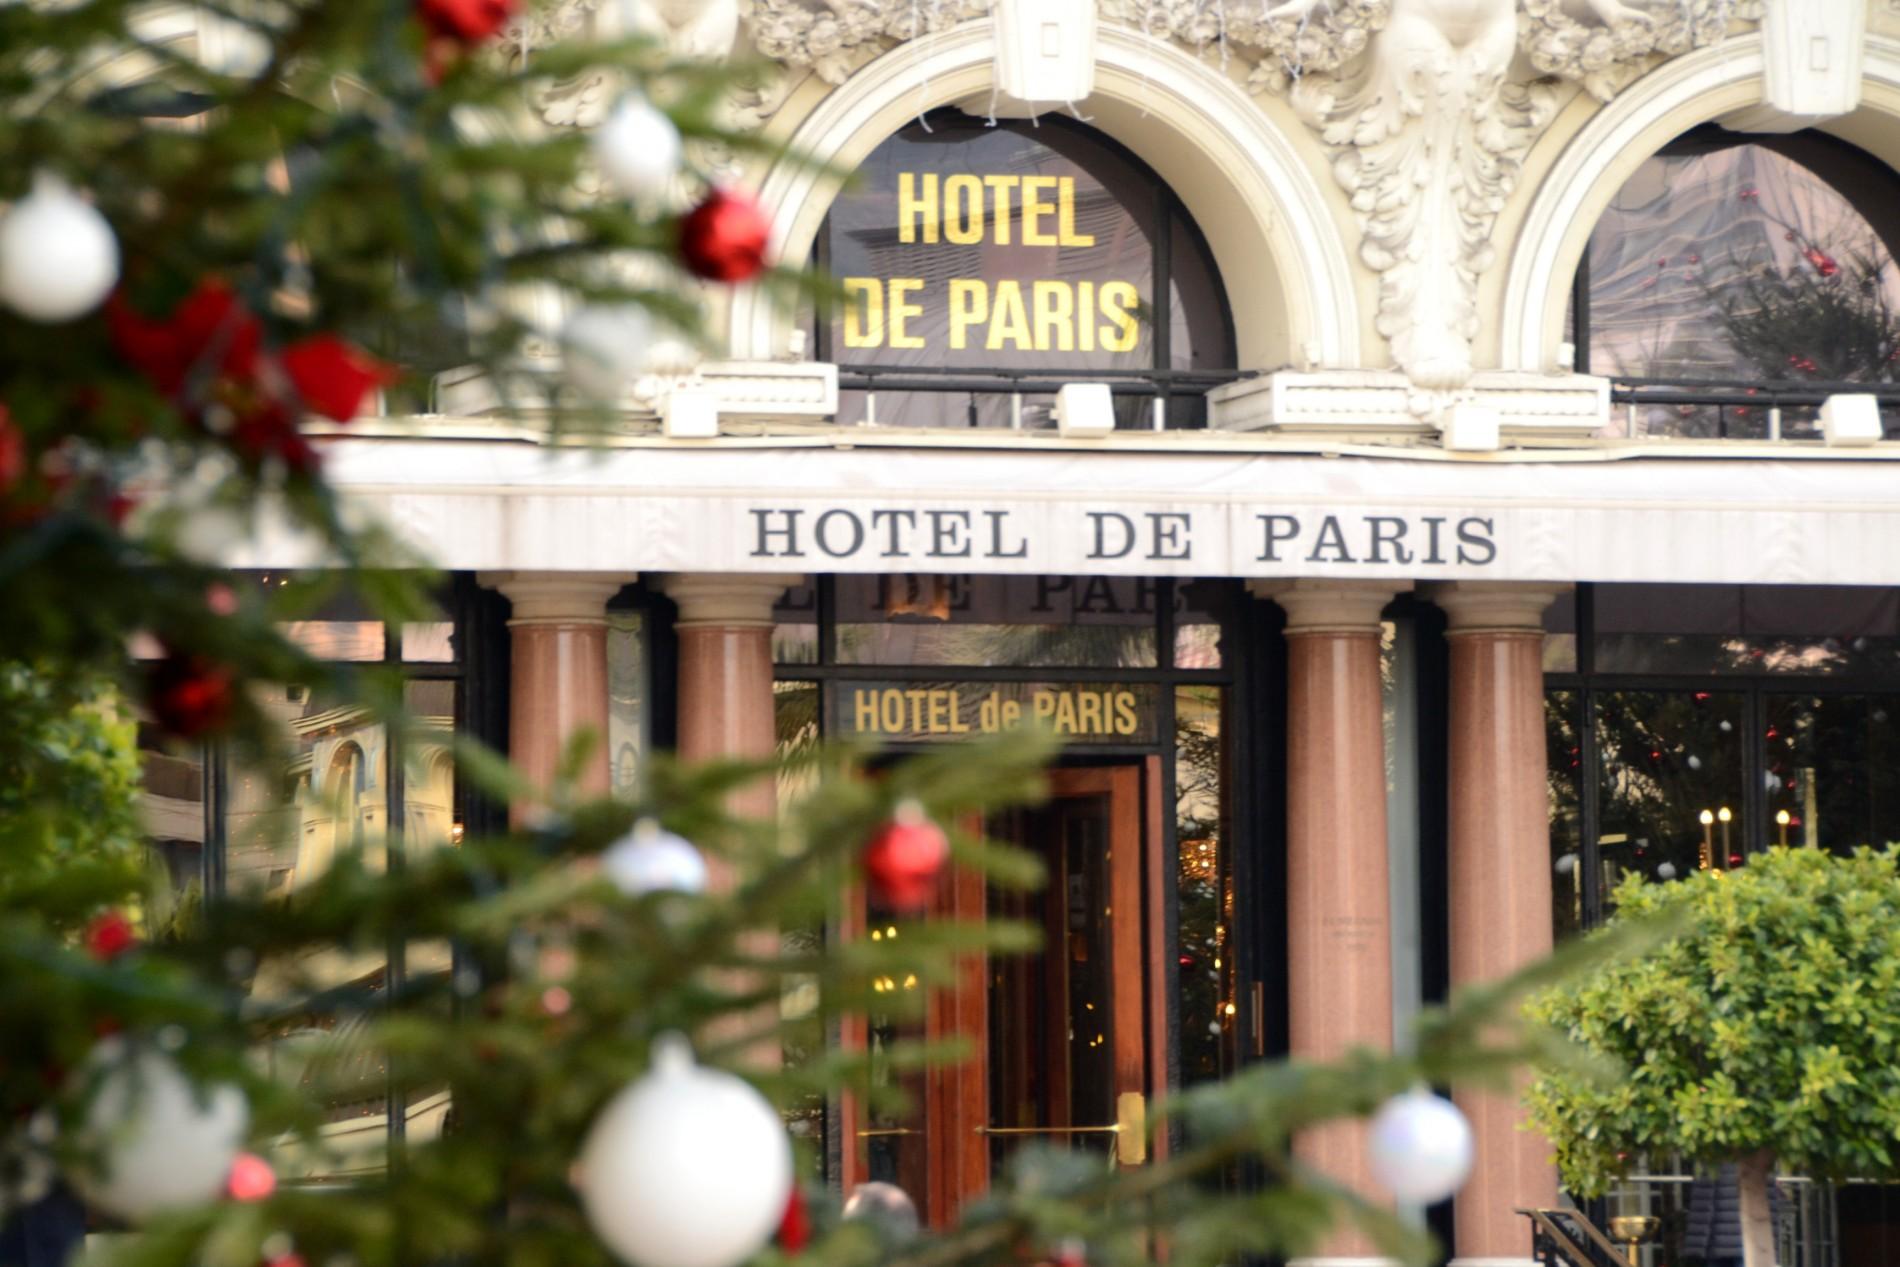 Monaco - Monte Carlo Hotel de Paris